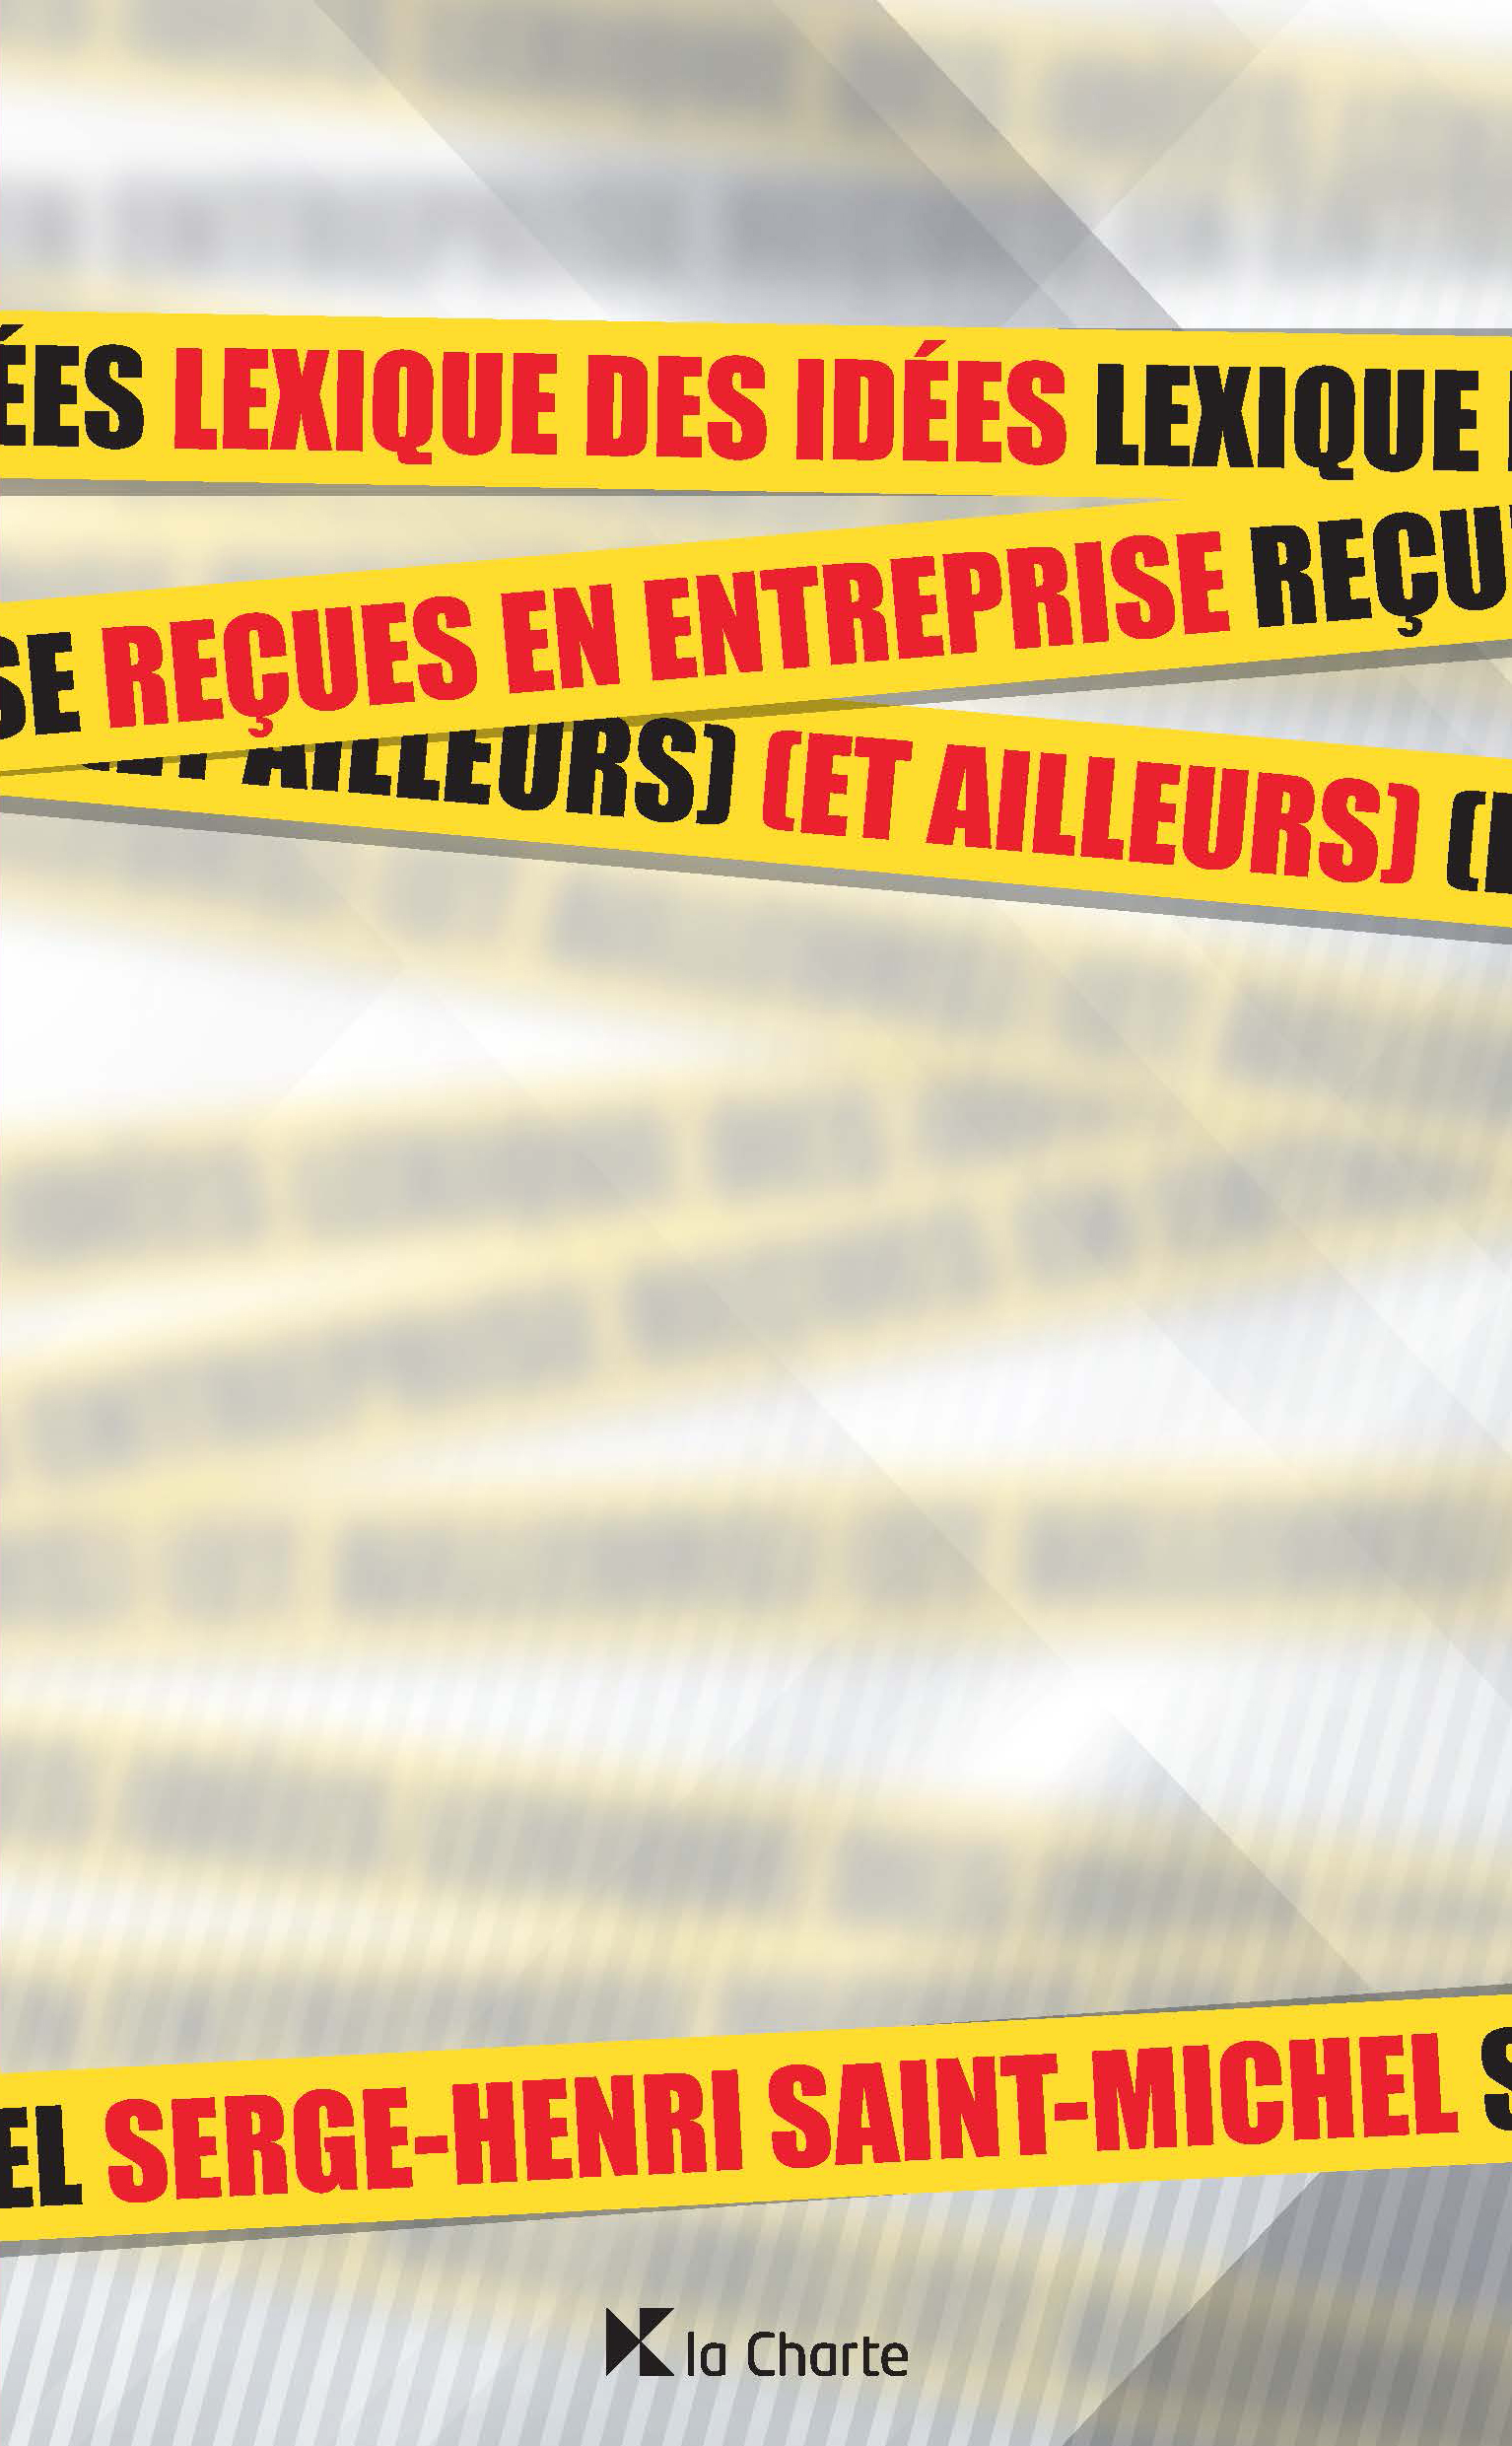 Lexique des idées reçues en entreprise, Serge-Henri Saint-Michel